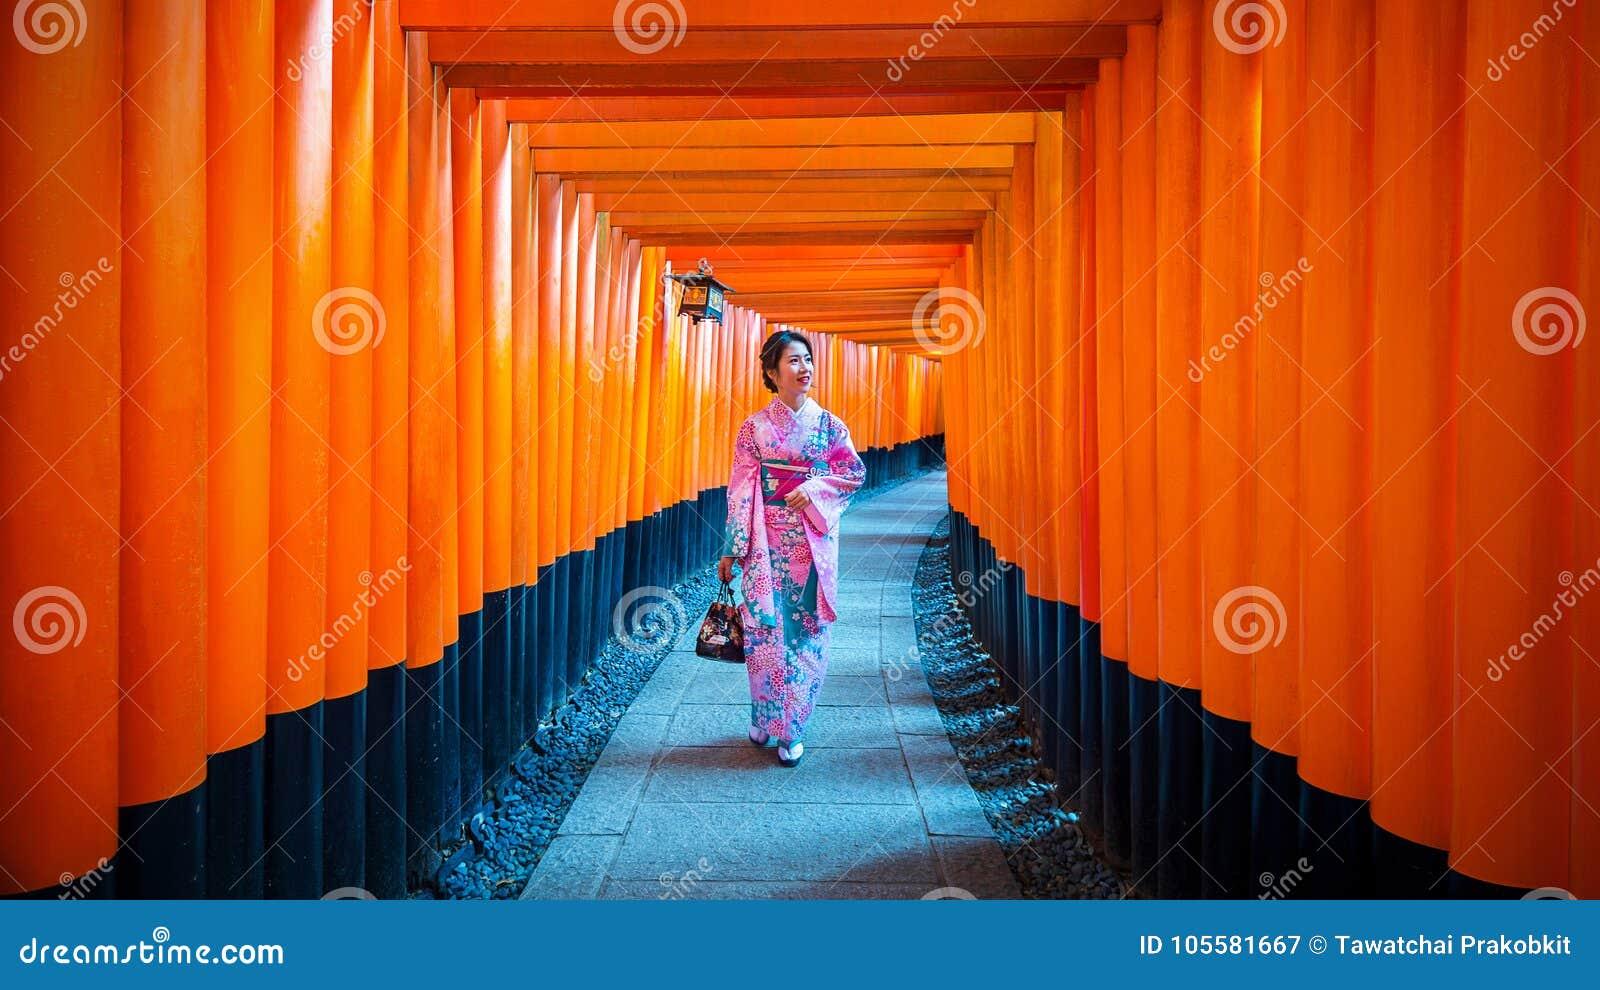 Ασιατικές γυναίκες στα παραδοσιακά ιαπωνικά κιμονό στη λάρνακα Fushimi Inari στο Κιότο, Ιαπωνία